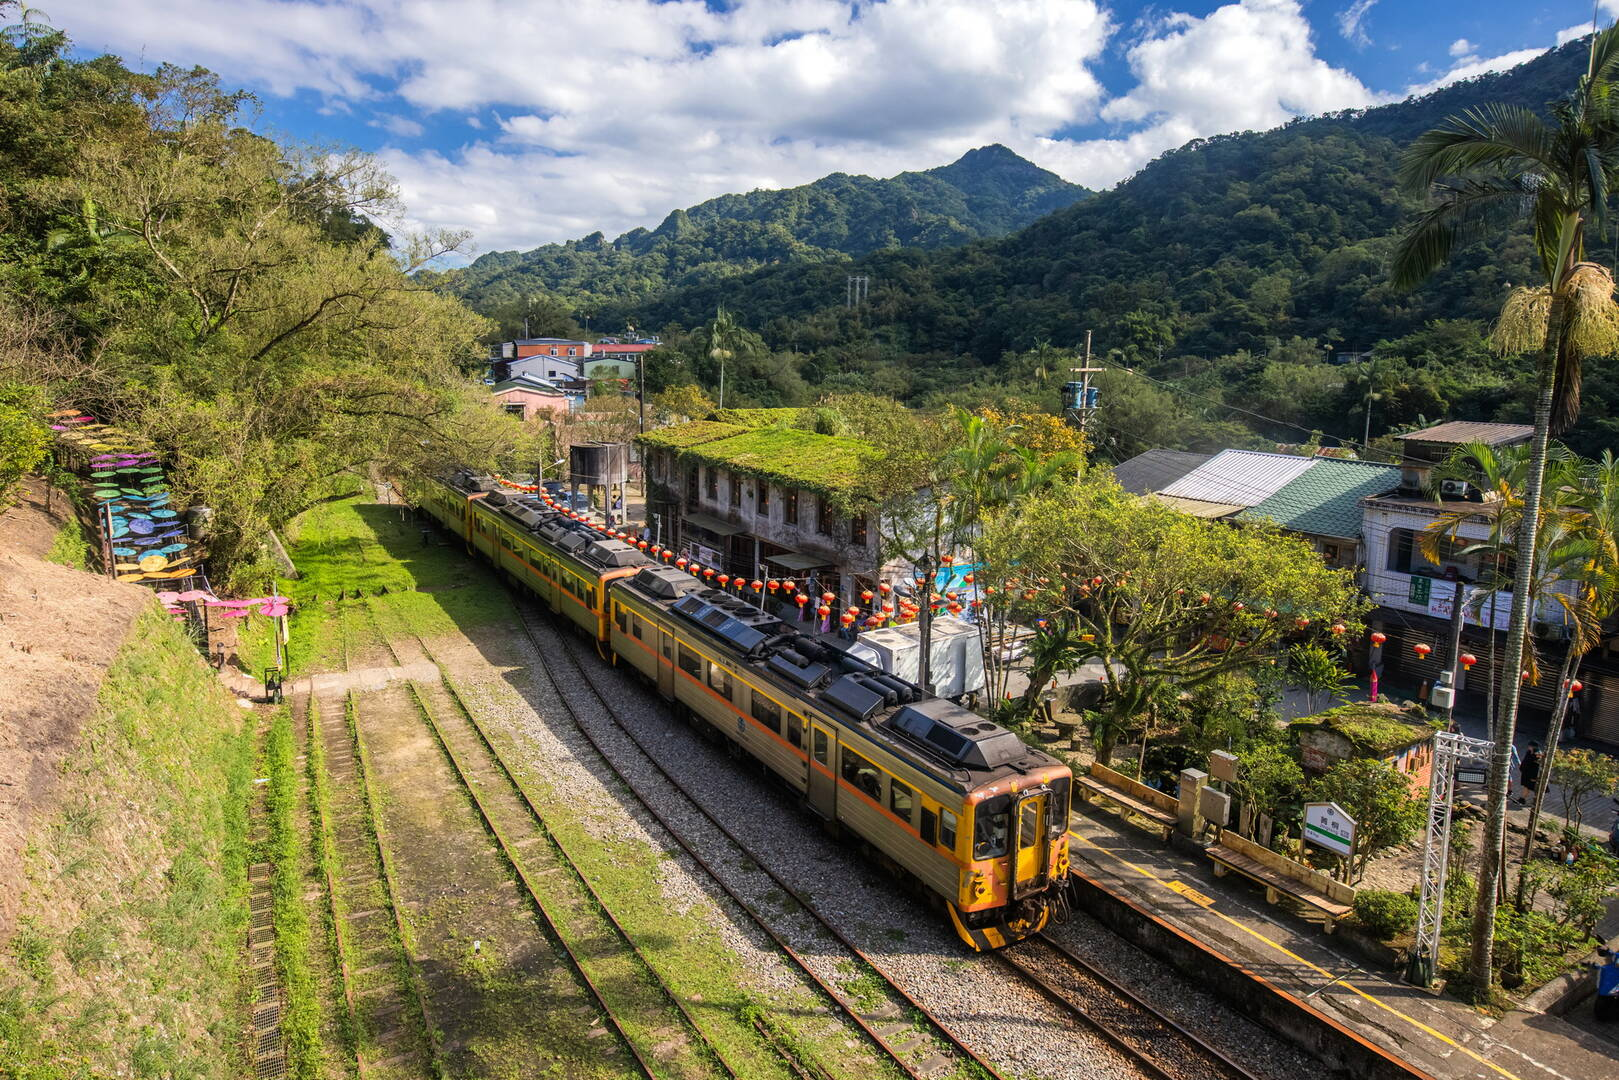 Jingtong Railway Station